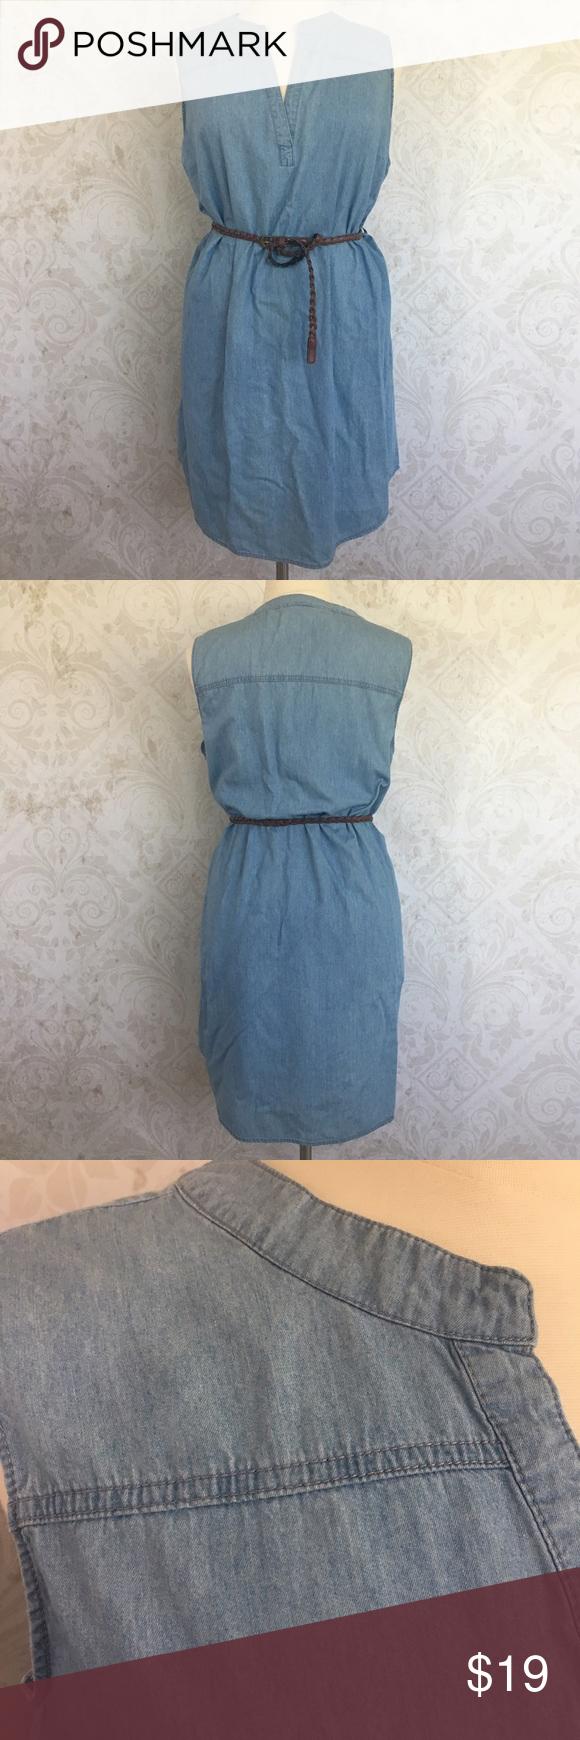 Plus Size Chambray Shirt Dress W Braided Belt Rue 21 Dresses